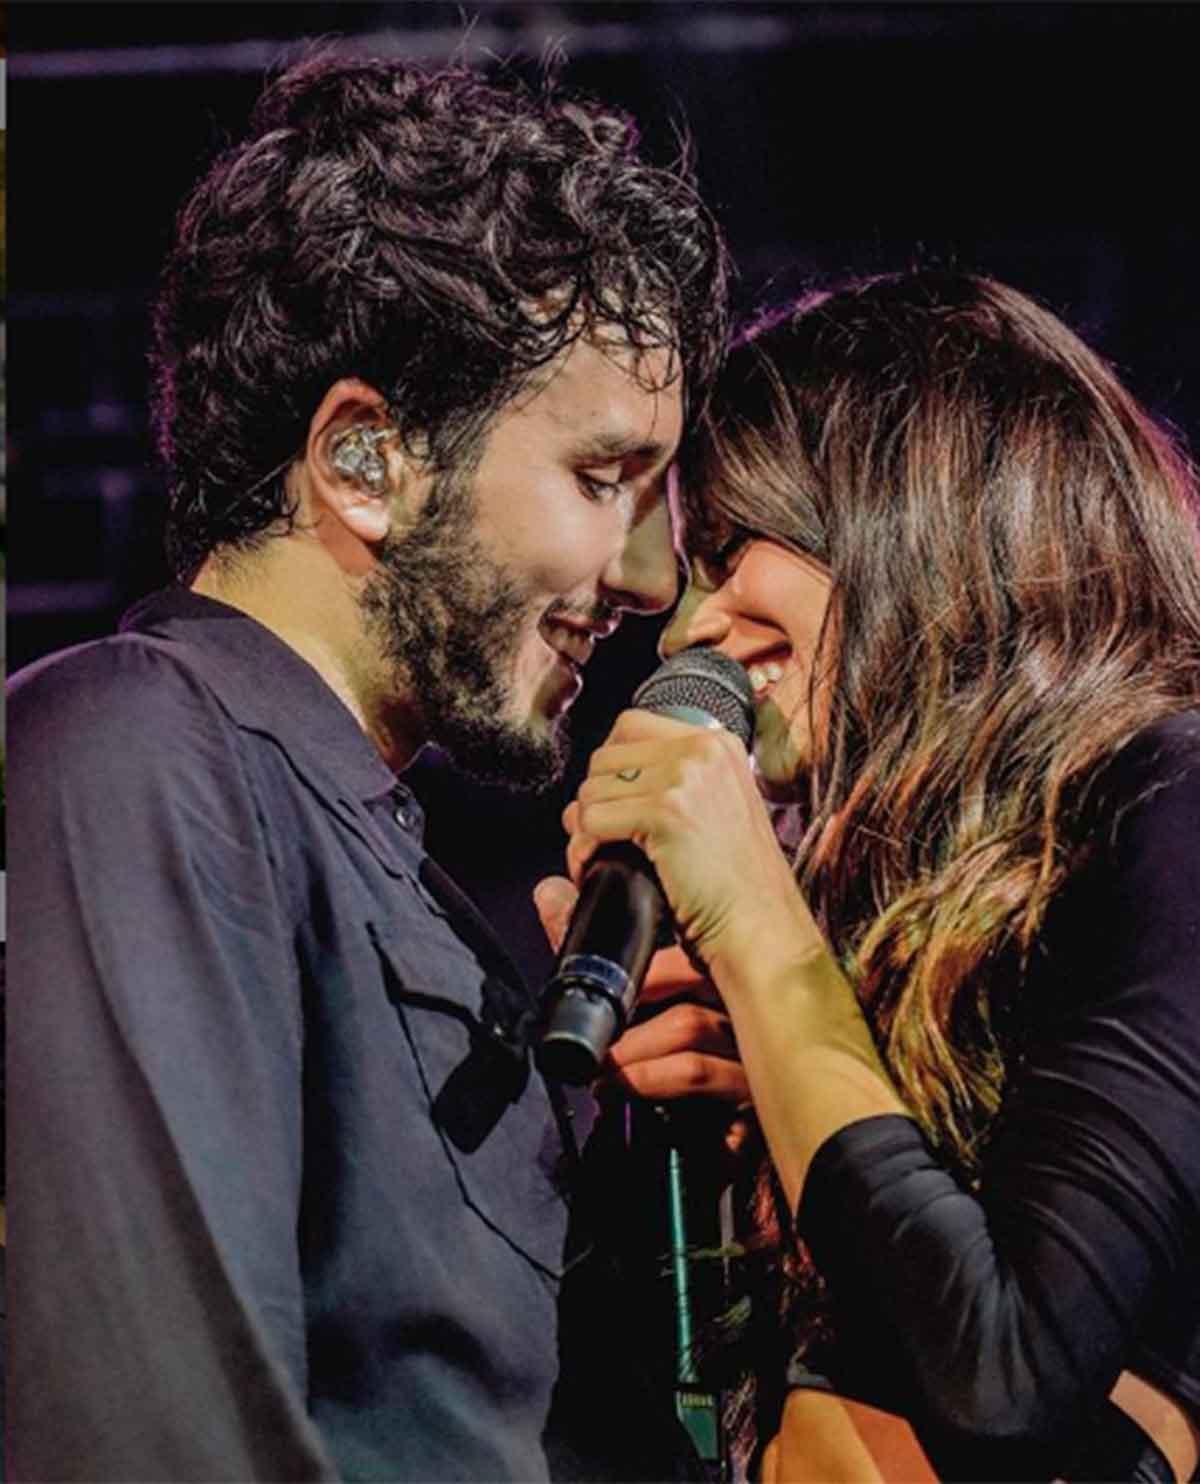 Sebastián Yatra y Tini Stoessel rompen su relación 1